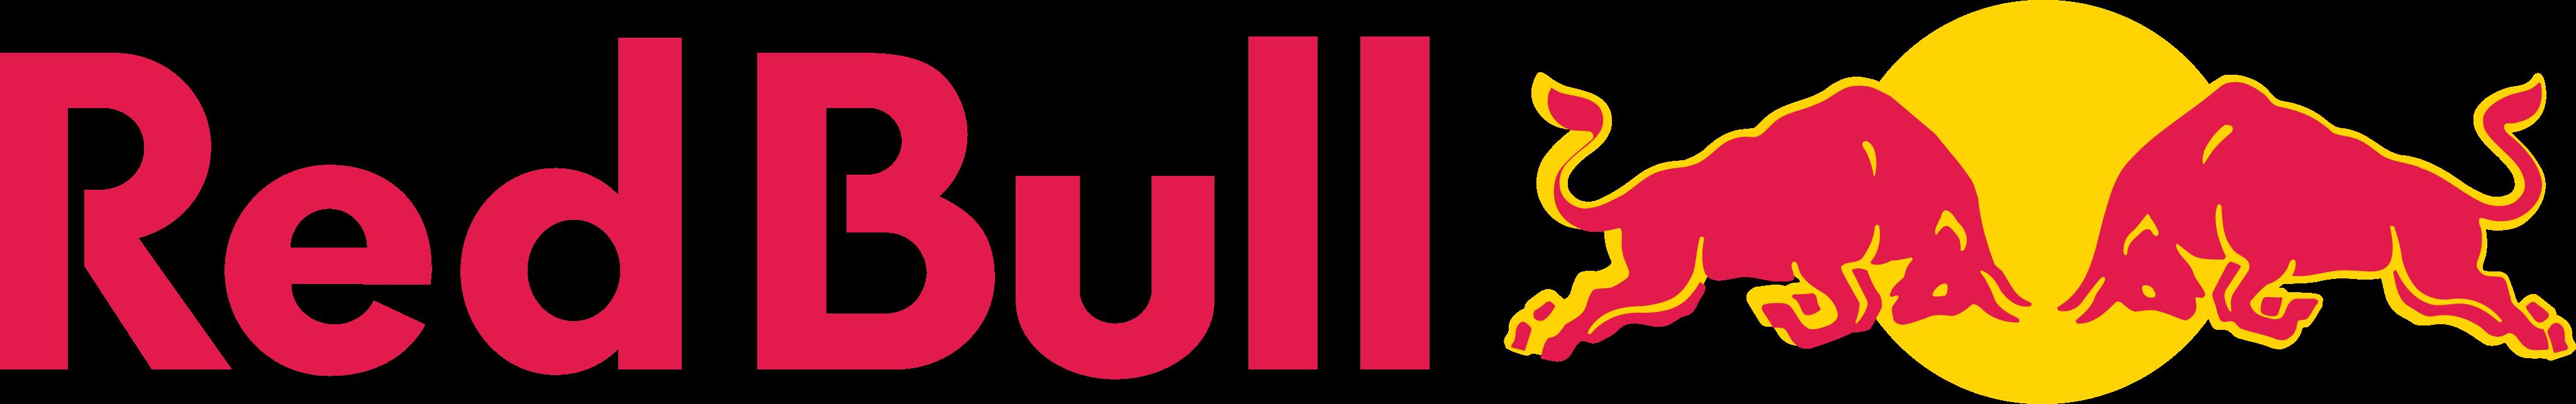 red bull logo 1 1 - Red Bull Logo